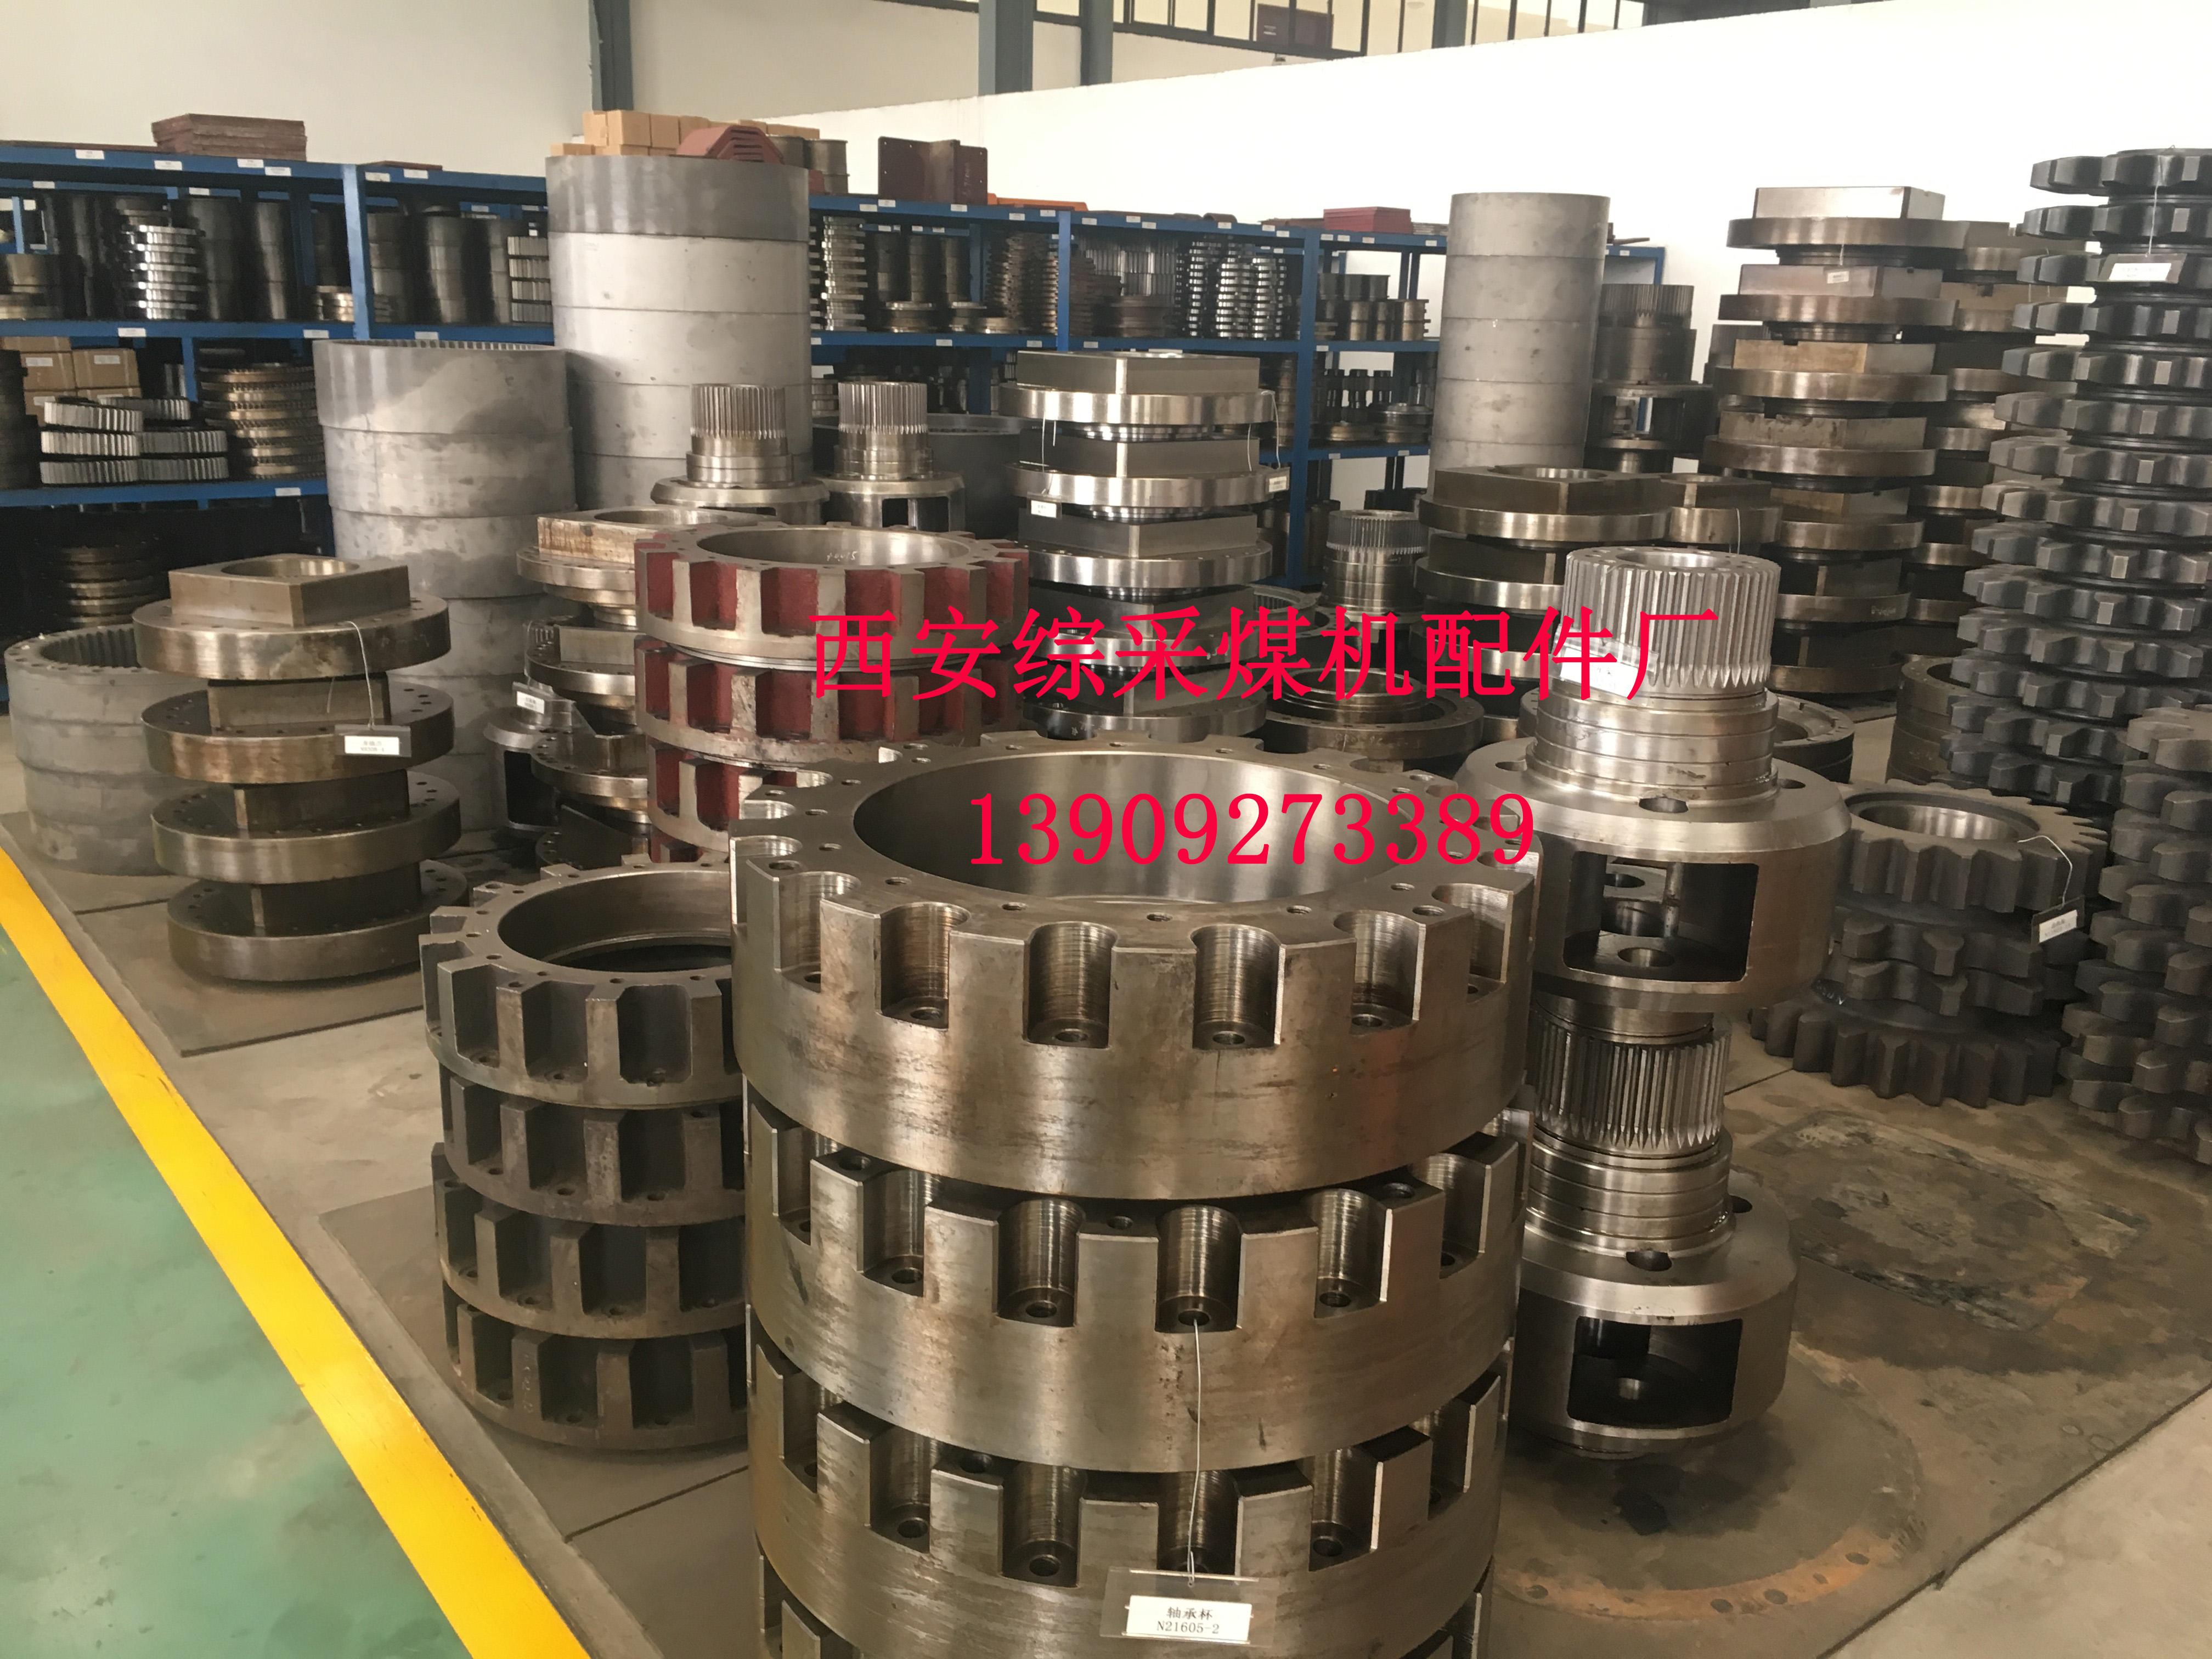 西安煤机配件 西安采煤机配件生产 直销西安煤机配件 西煤机配件批发